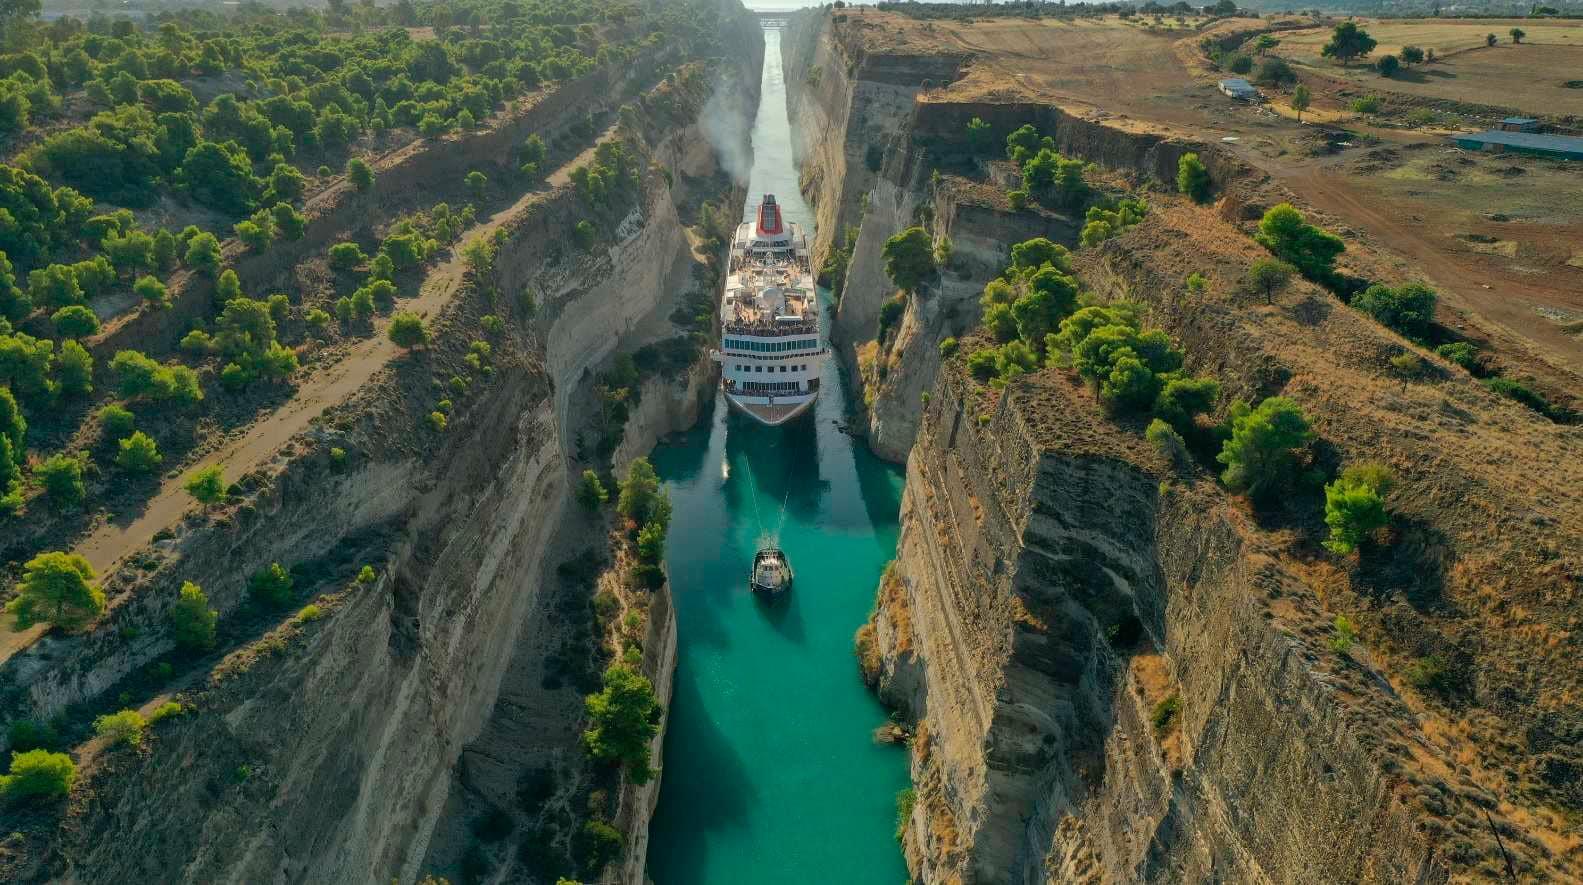 Маршрут однієї з екскурсій пролягає через Коринфський канал, який представляє собою унікальне місце, - перетин Егейського і іонічний морів.